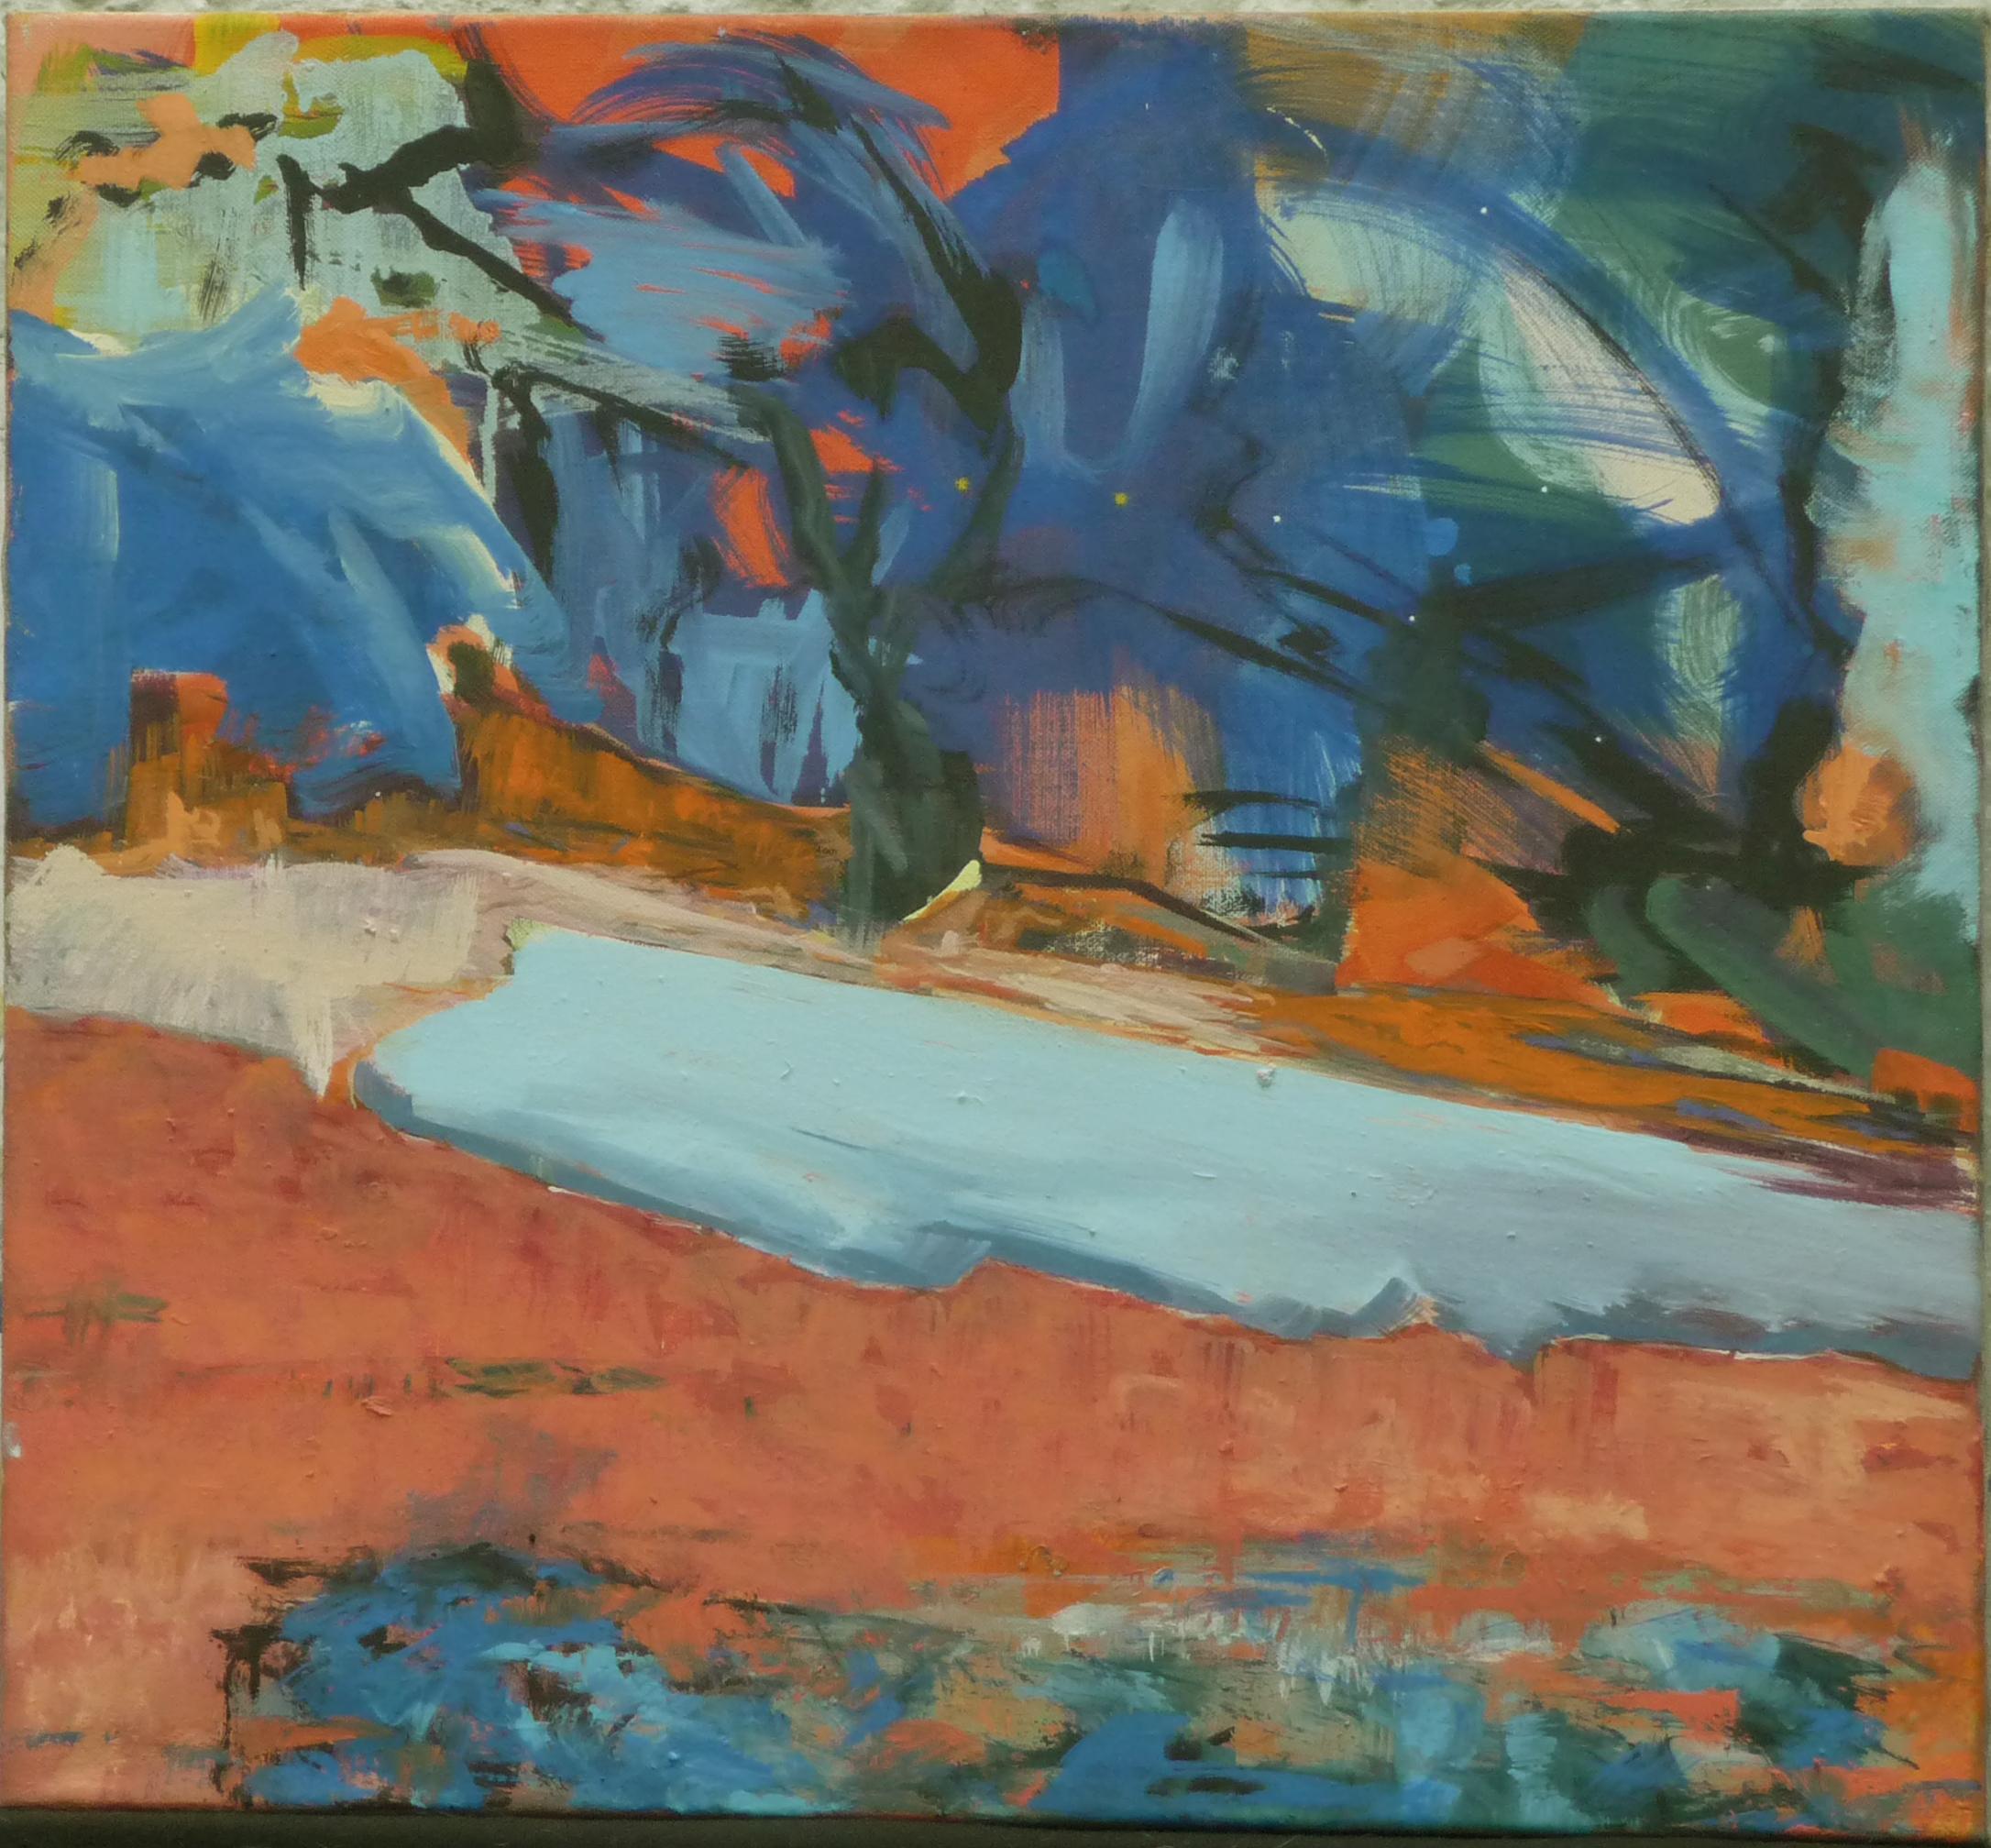 Schwebender Zustand, oil on canvas, 60 x 66 cm